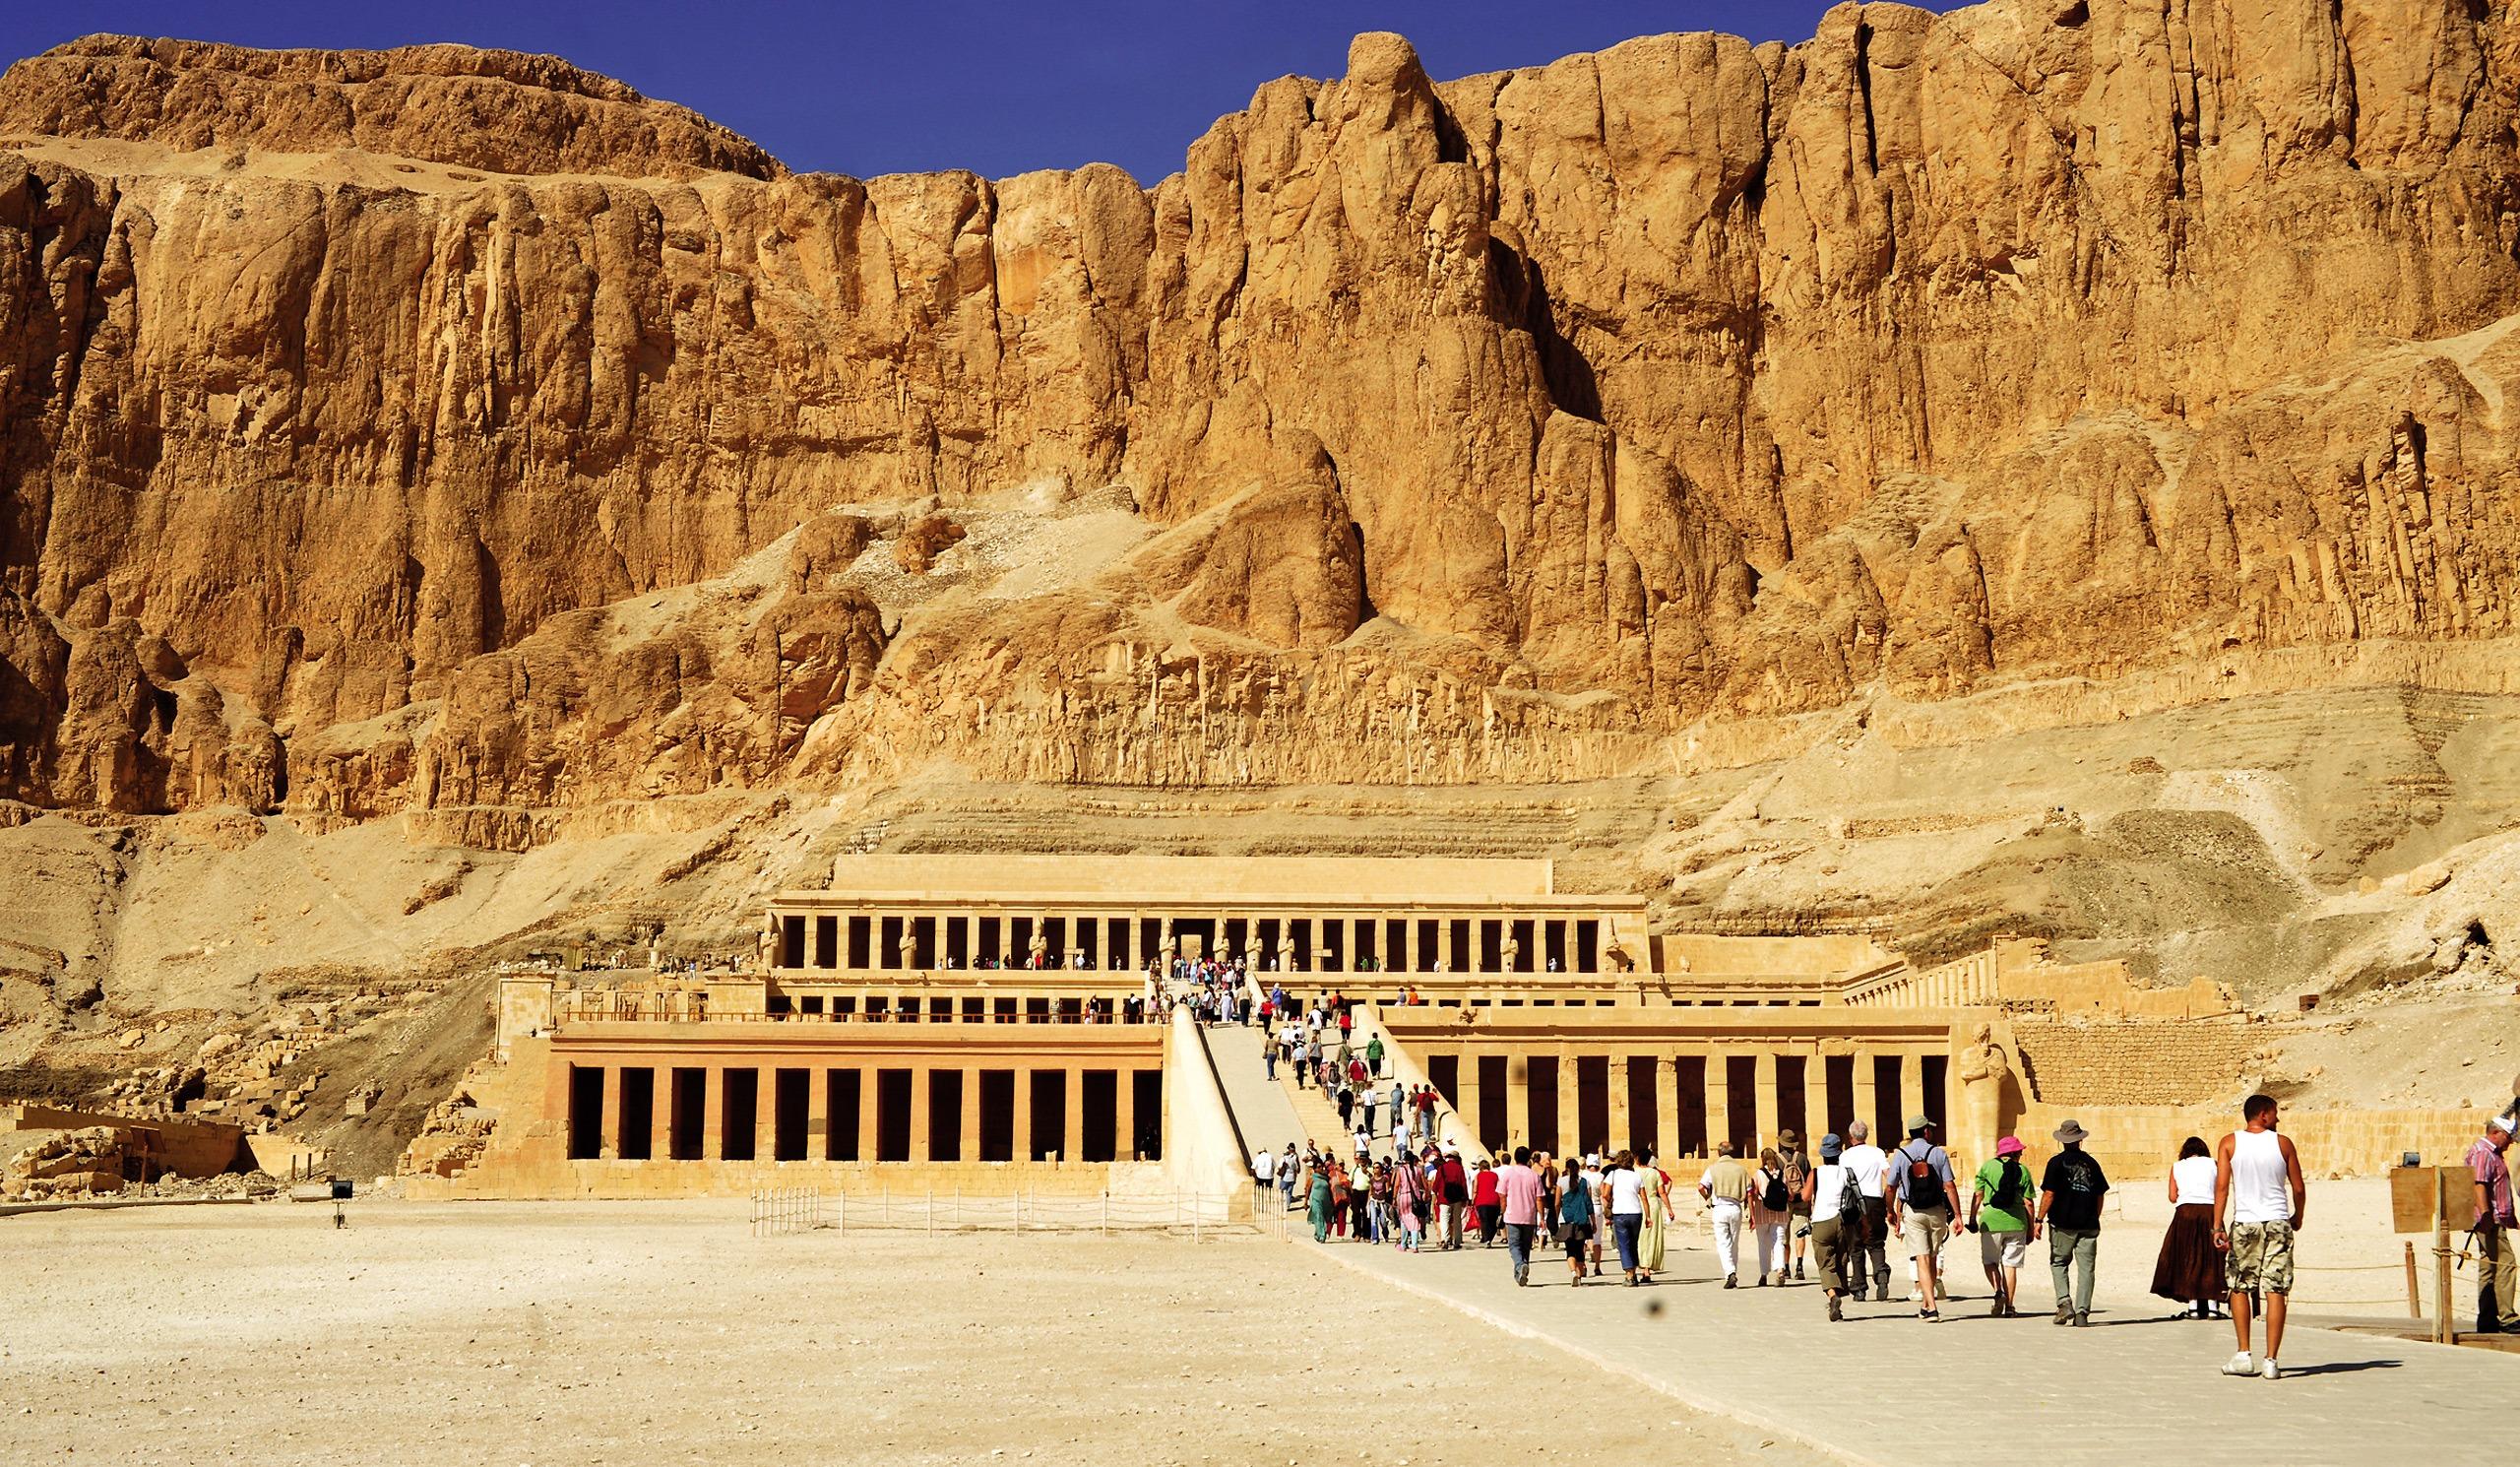 Egipt – Hatszepsut, kobieta faraon